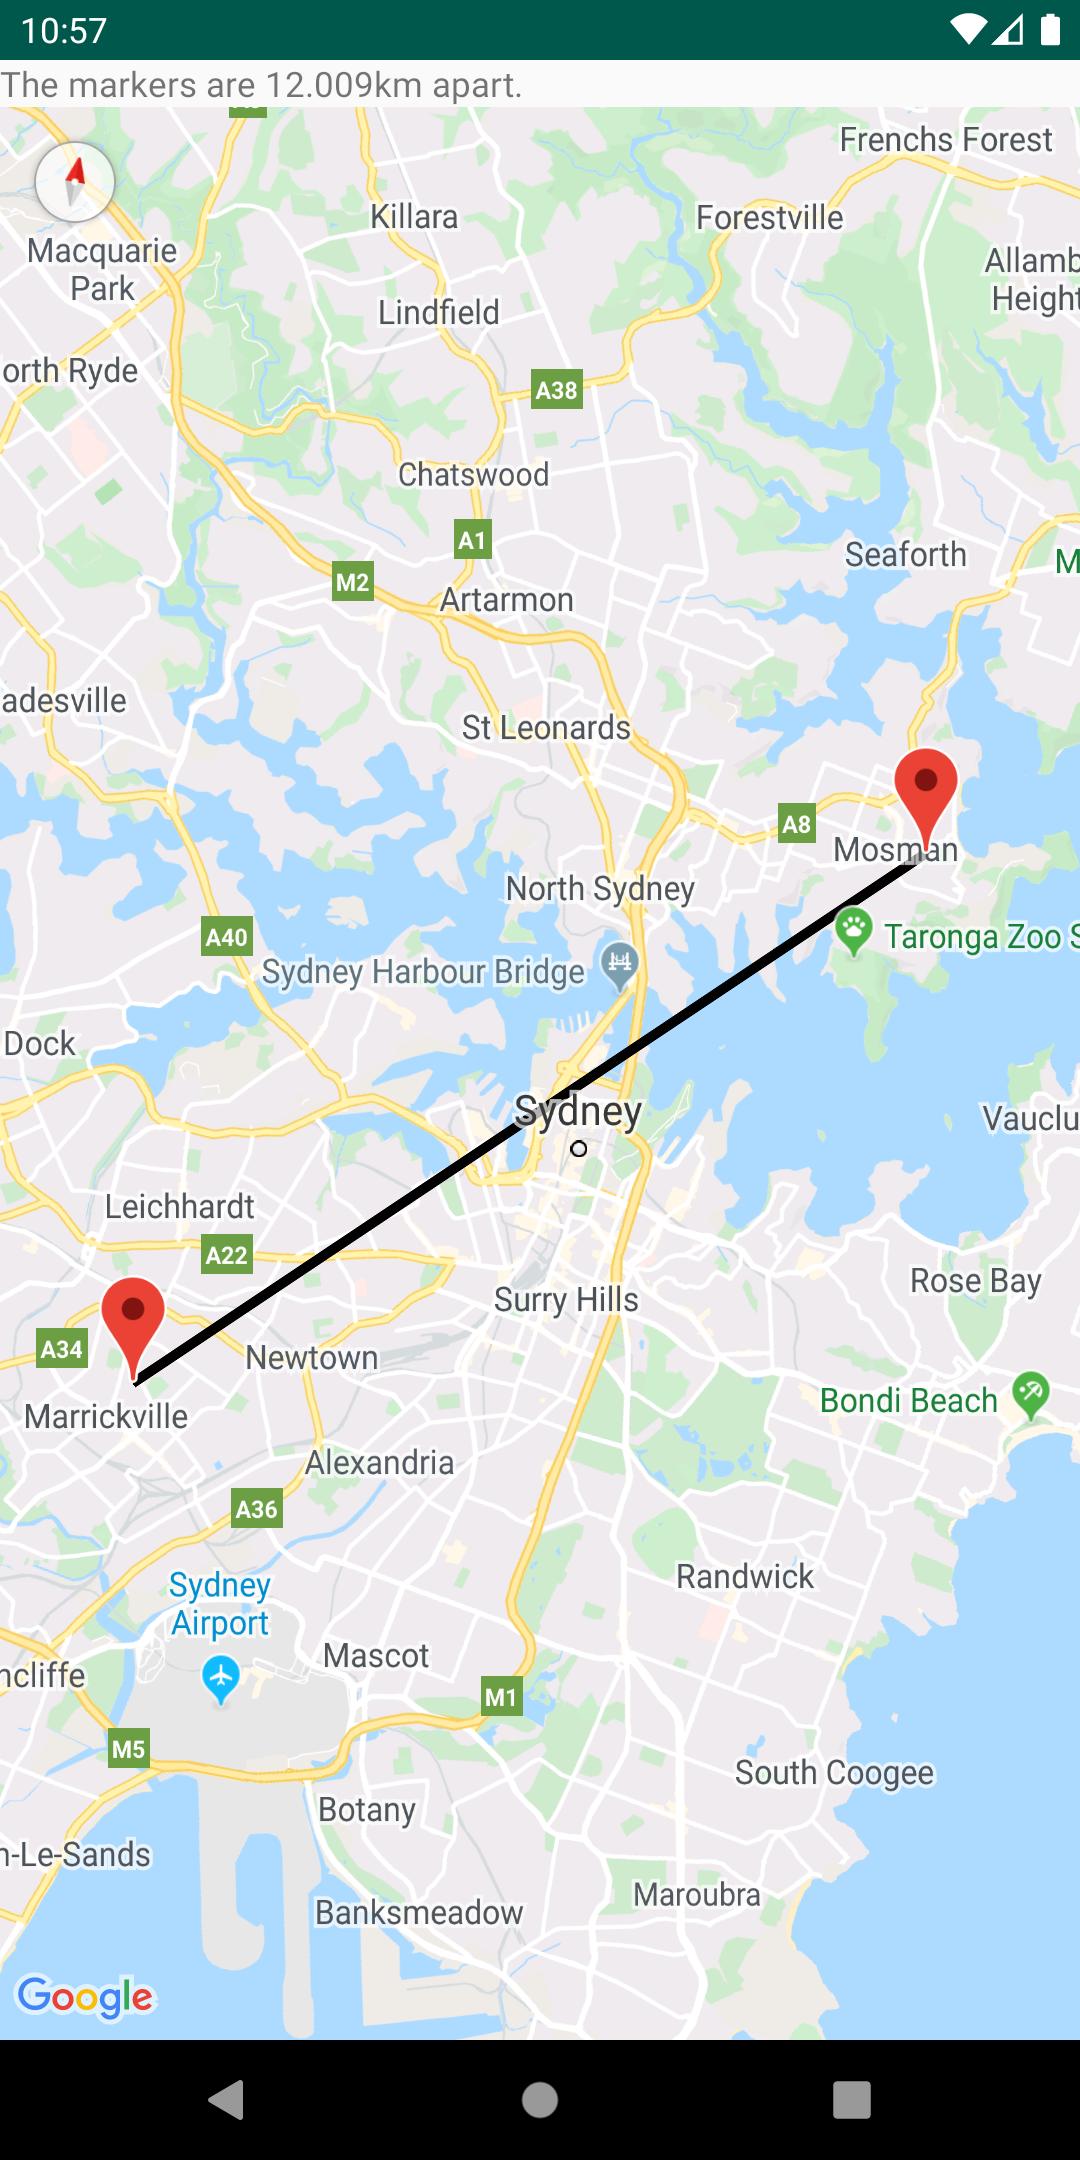 マップ上の 2 地点間の計算された距離